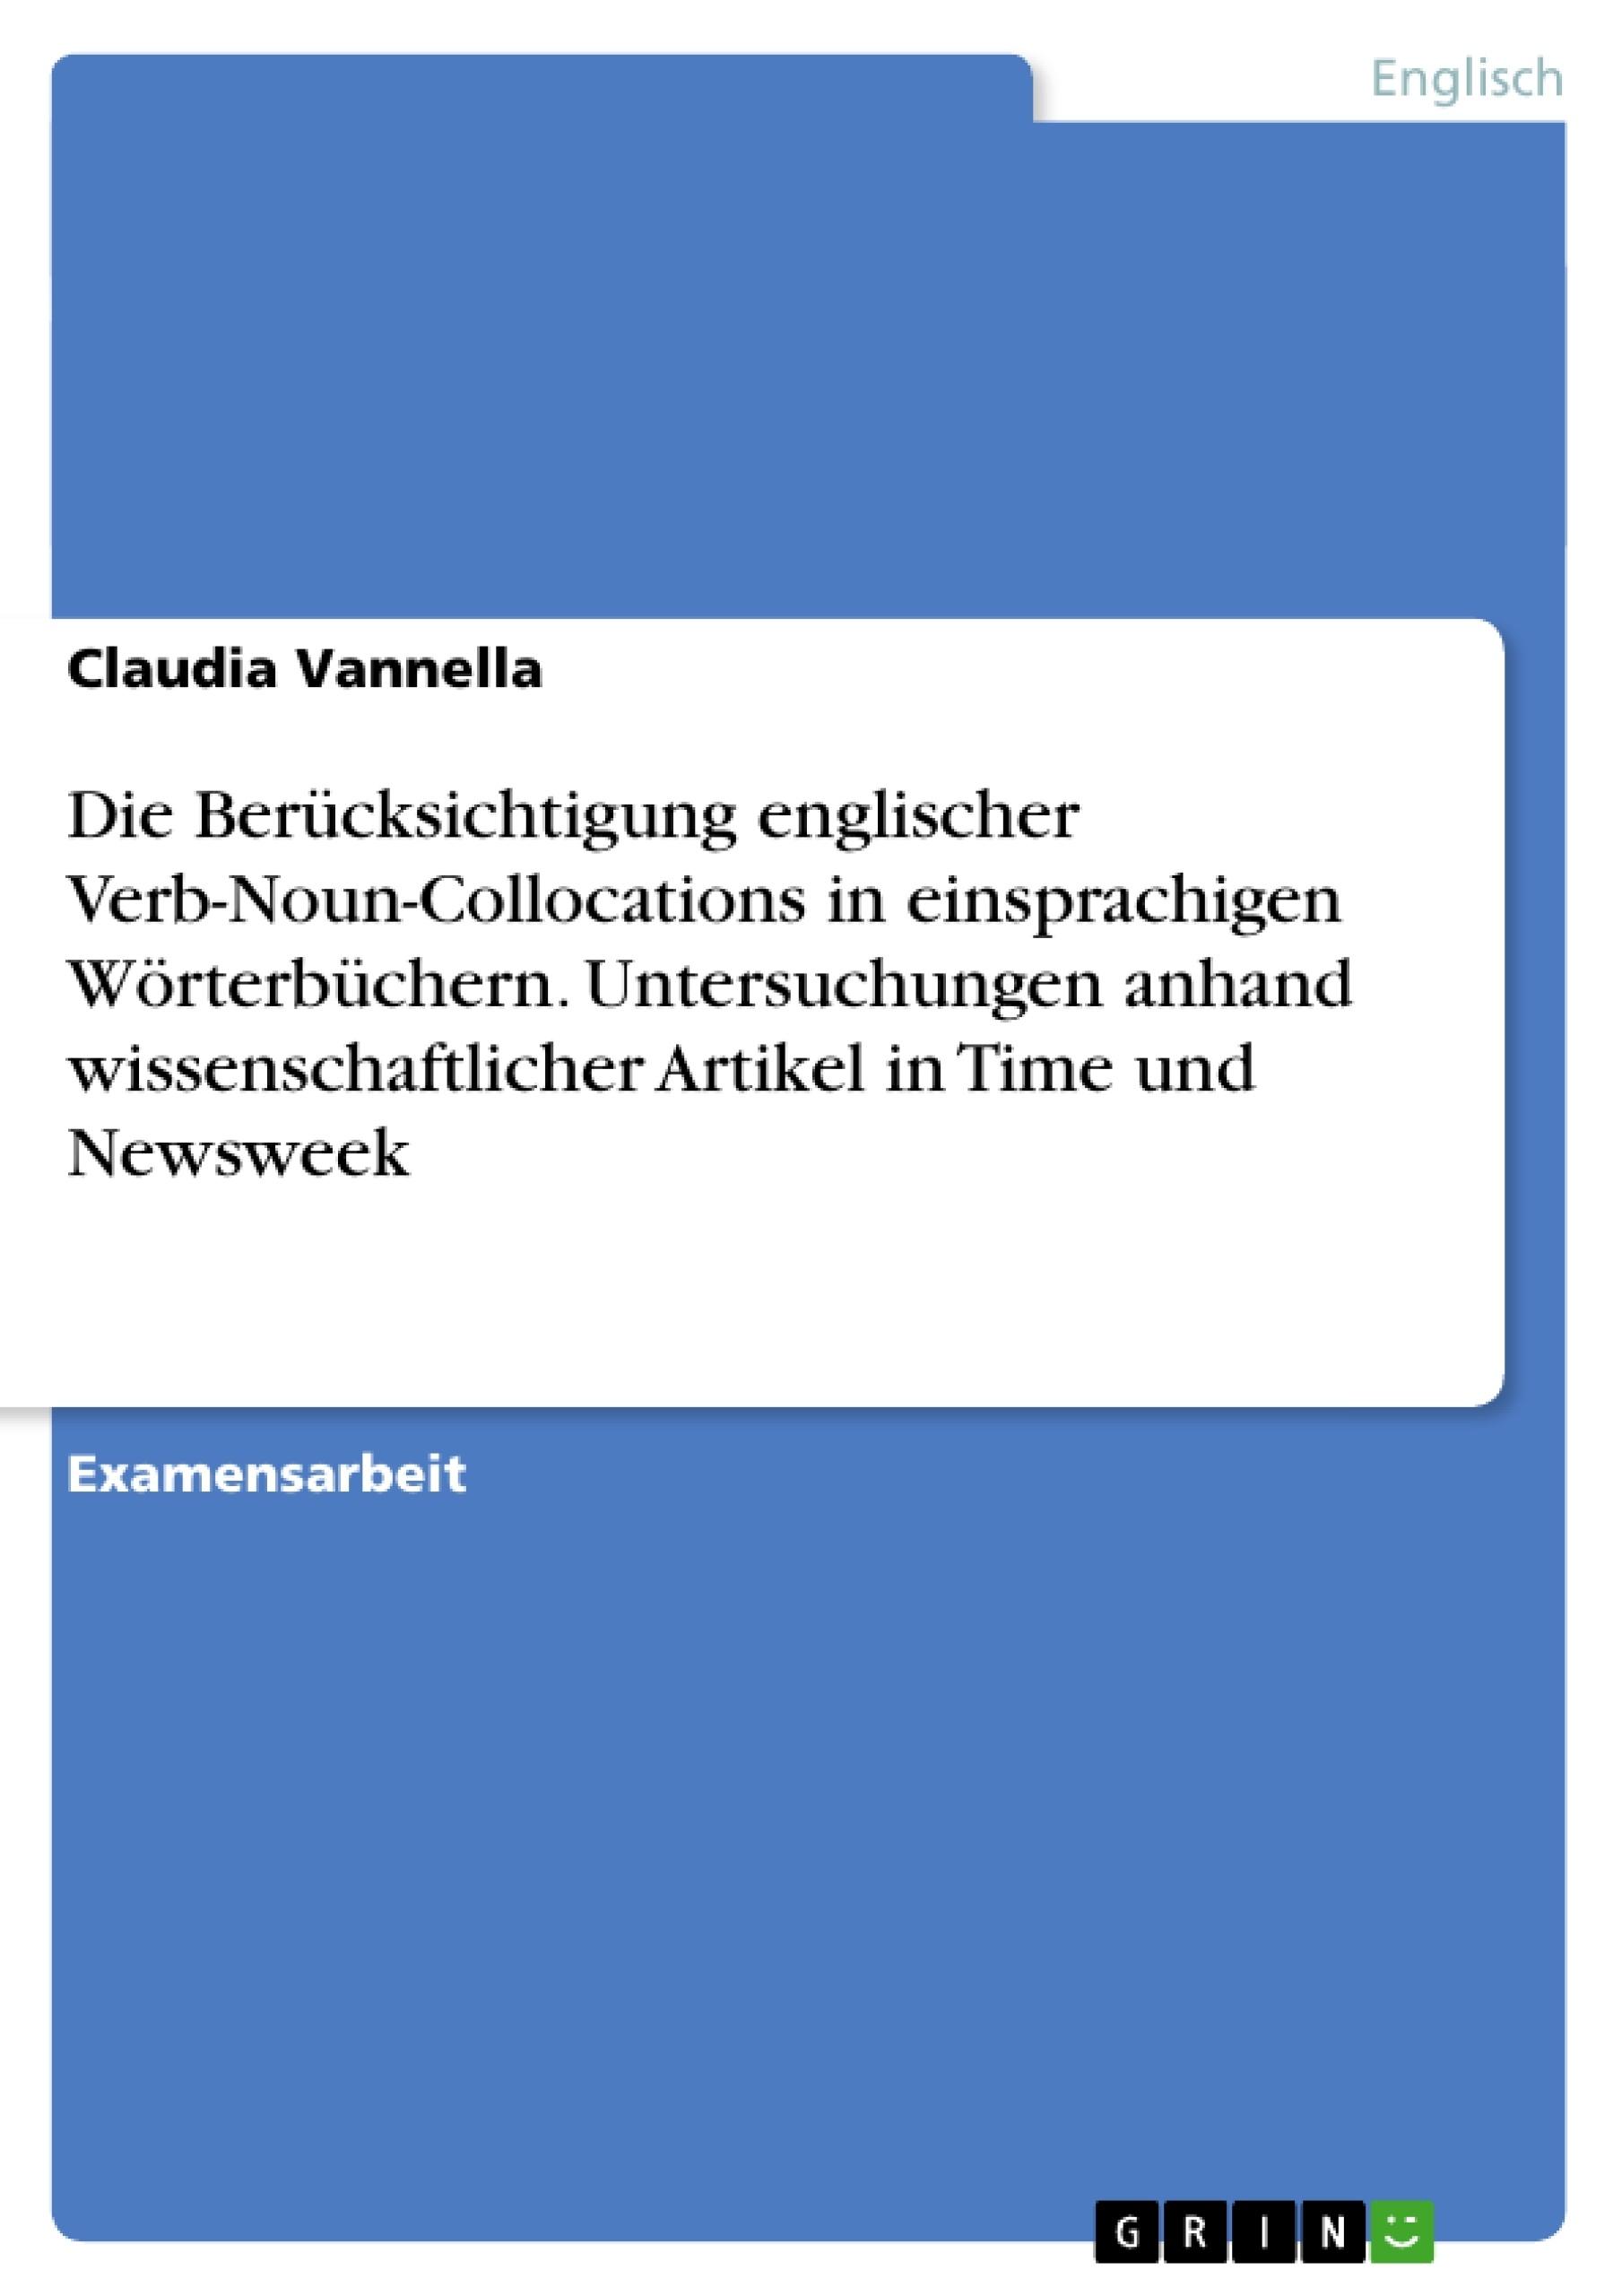 Titel: Die Berücksichtigung englischer Verb-Noun-Collocations in einsprachigen Wörterbüchern. Untersuchungen anhand wissenschaftlicher Artikel in Time und Newsweek